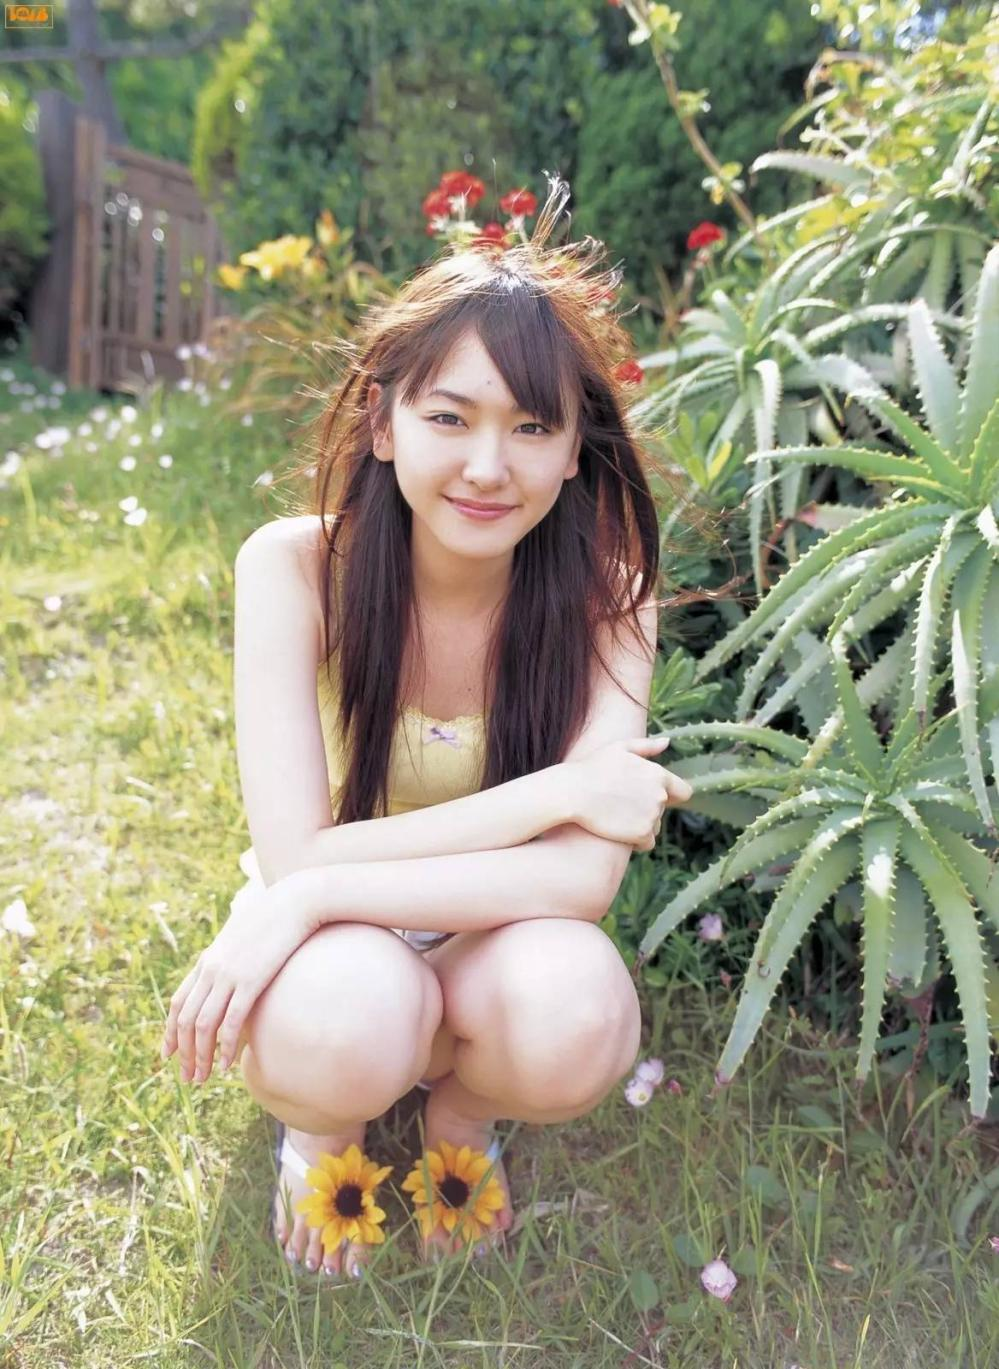 日本最受欢迎的五大女优, 第一位号称赤道以北唯她最美!